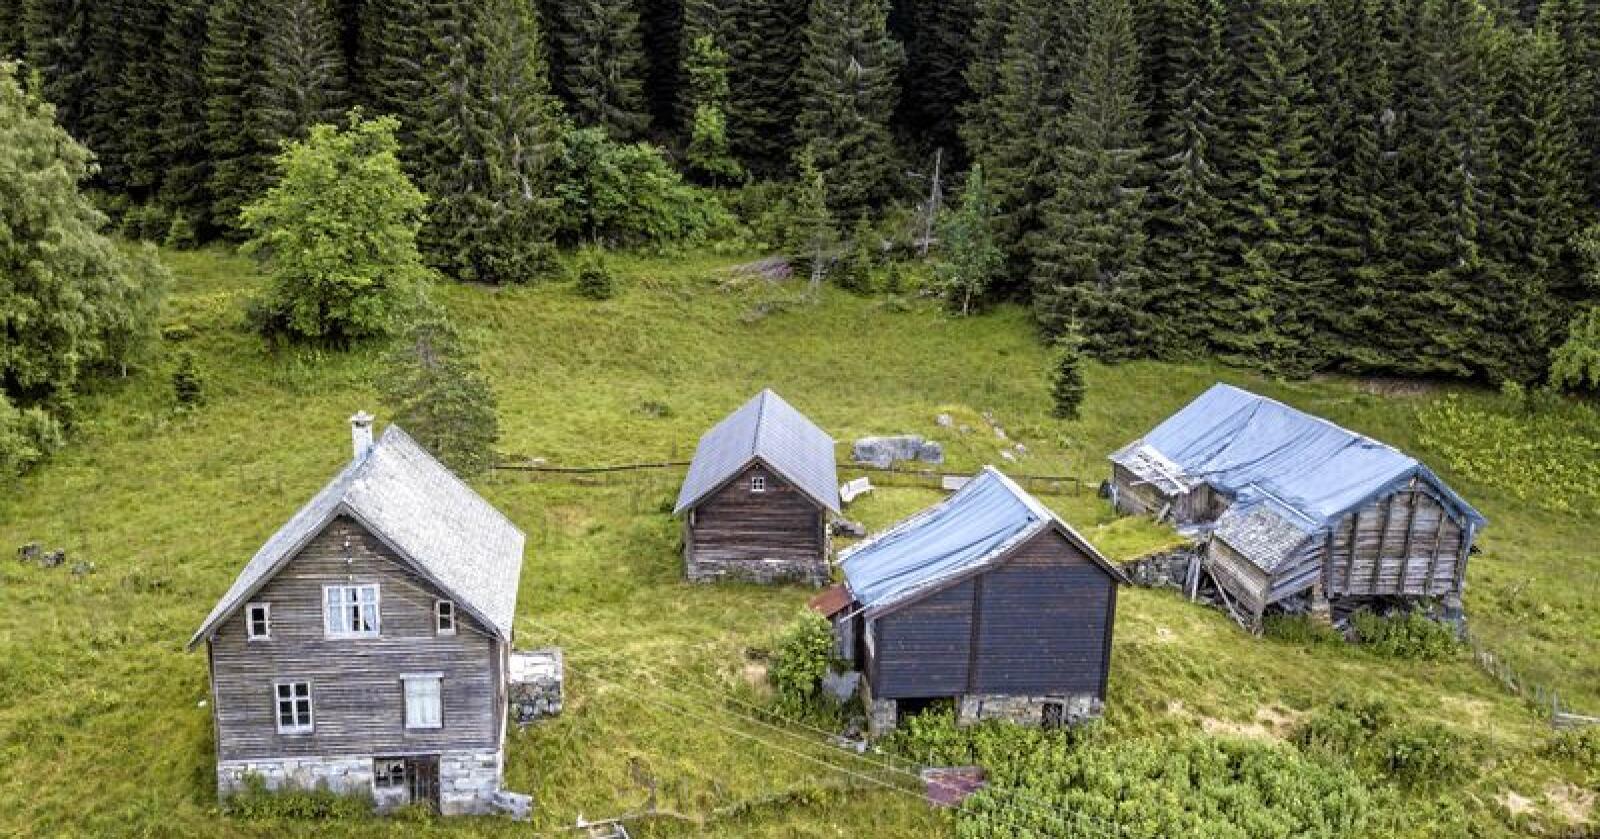 Voss: Plantet skog står for halve tilveksten i vestlandsskogen. Foto: Pål Hermansen